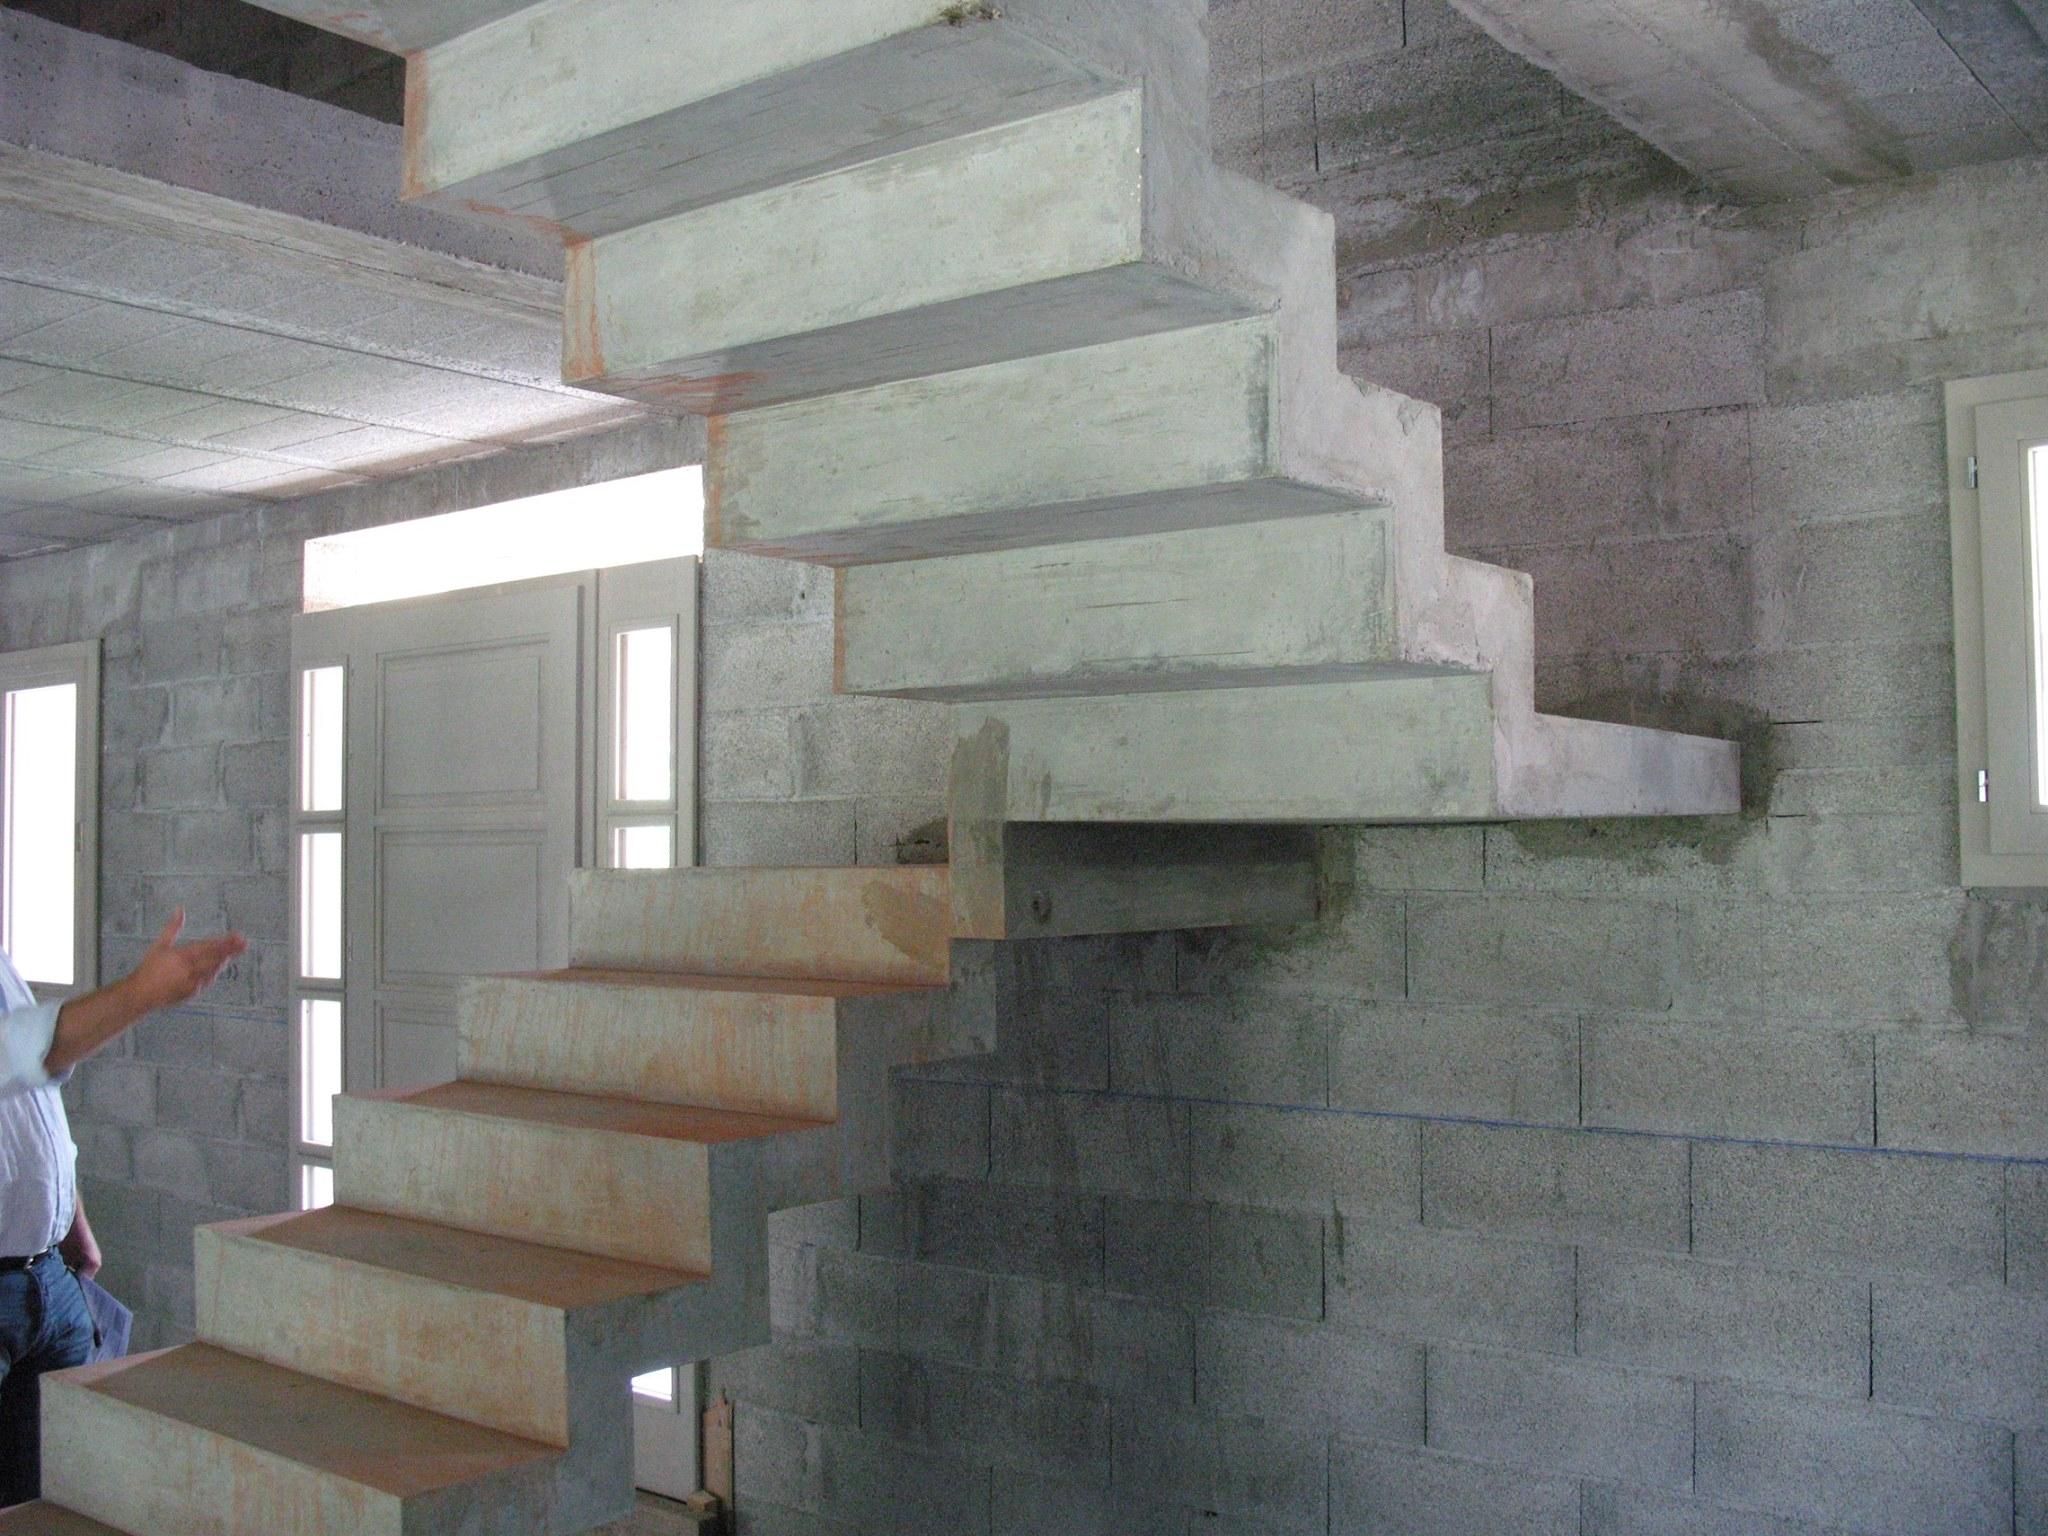 pose de beton cire a annecy entreprise de pose de beton a annecy en haute savoie agencement. Black Bedroom Furniture Sets. Home Design Ideas